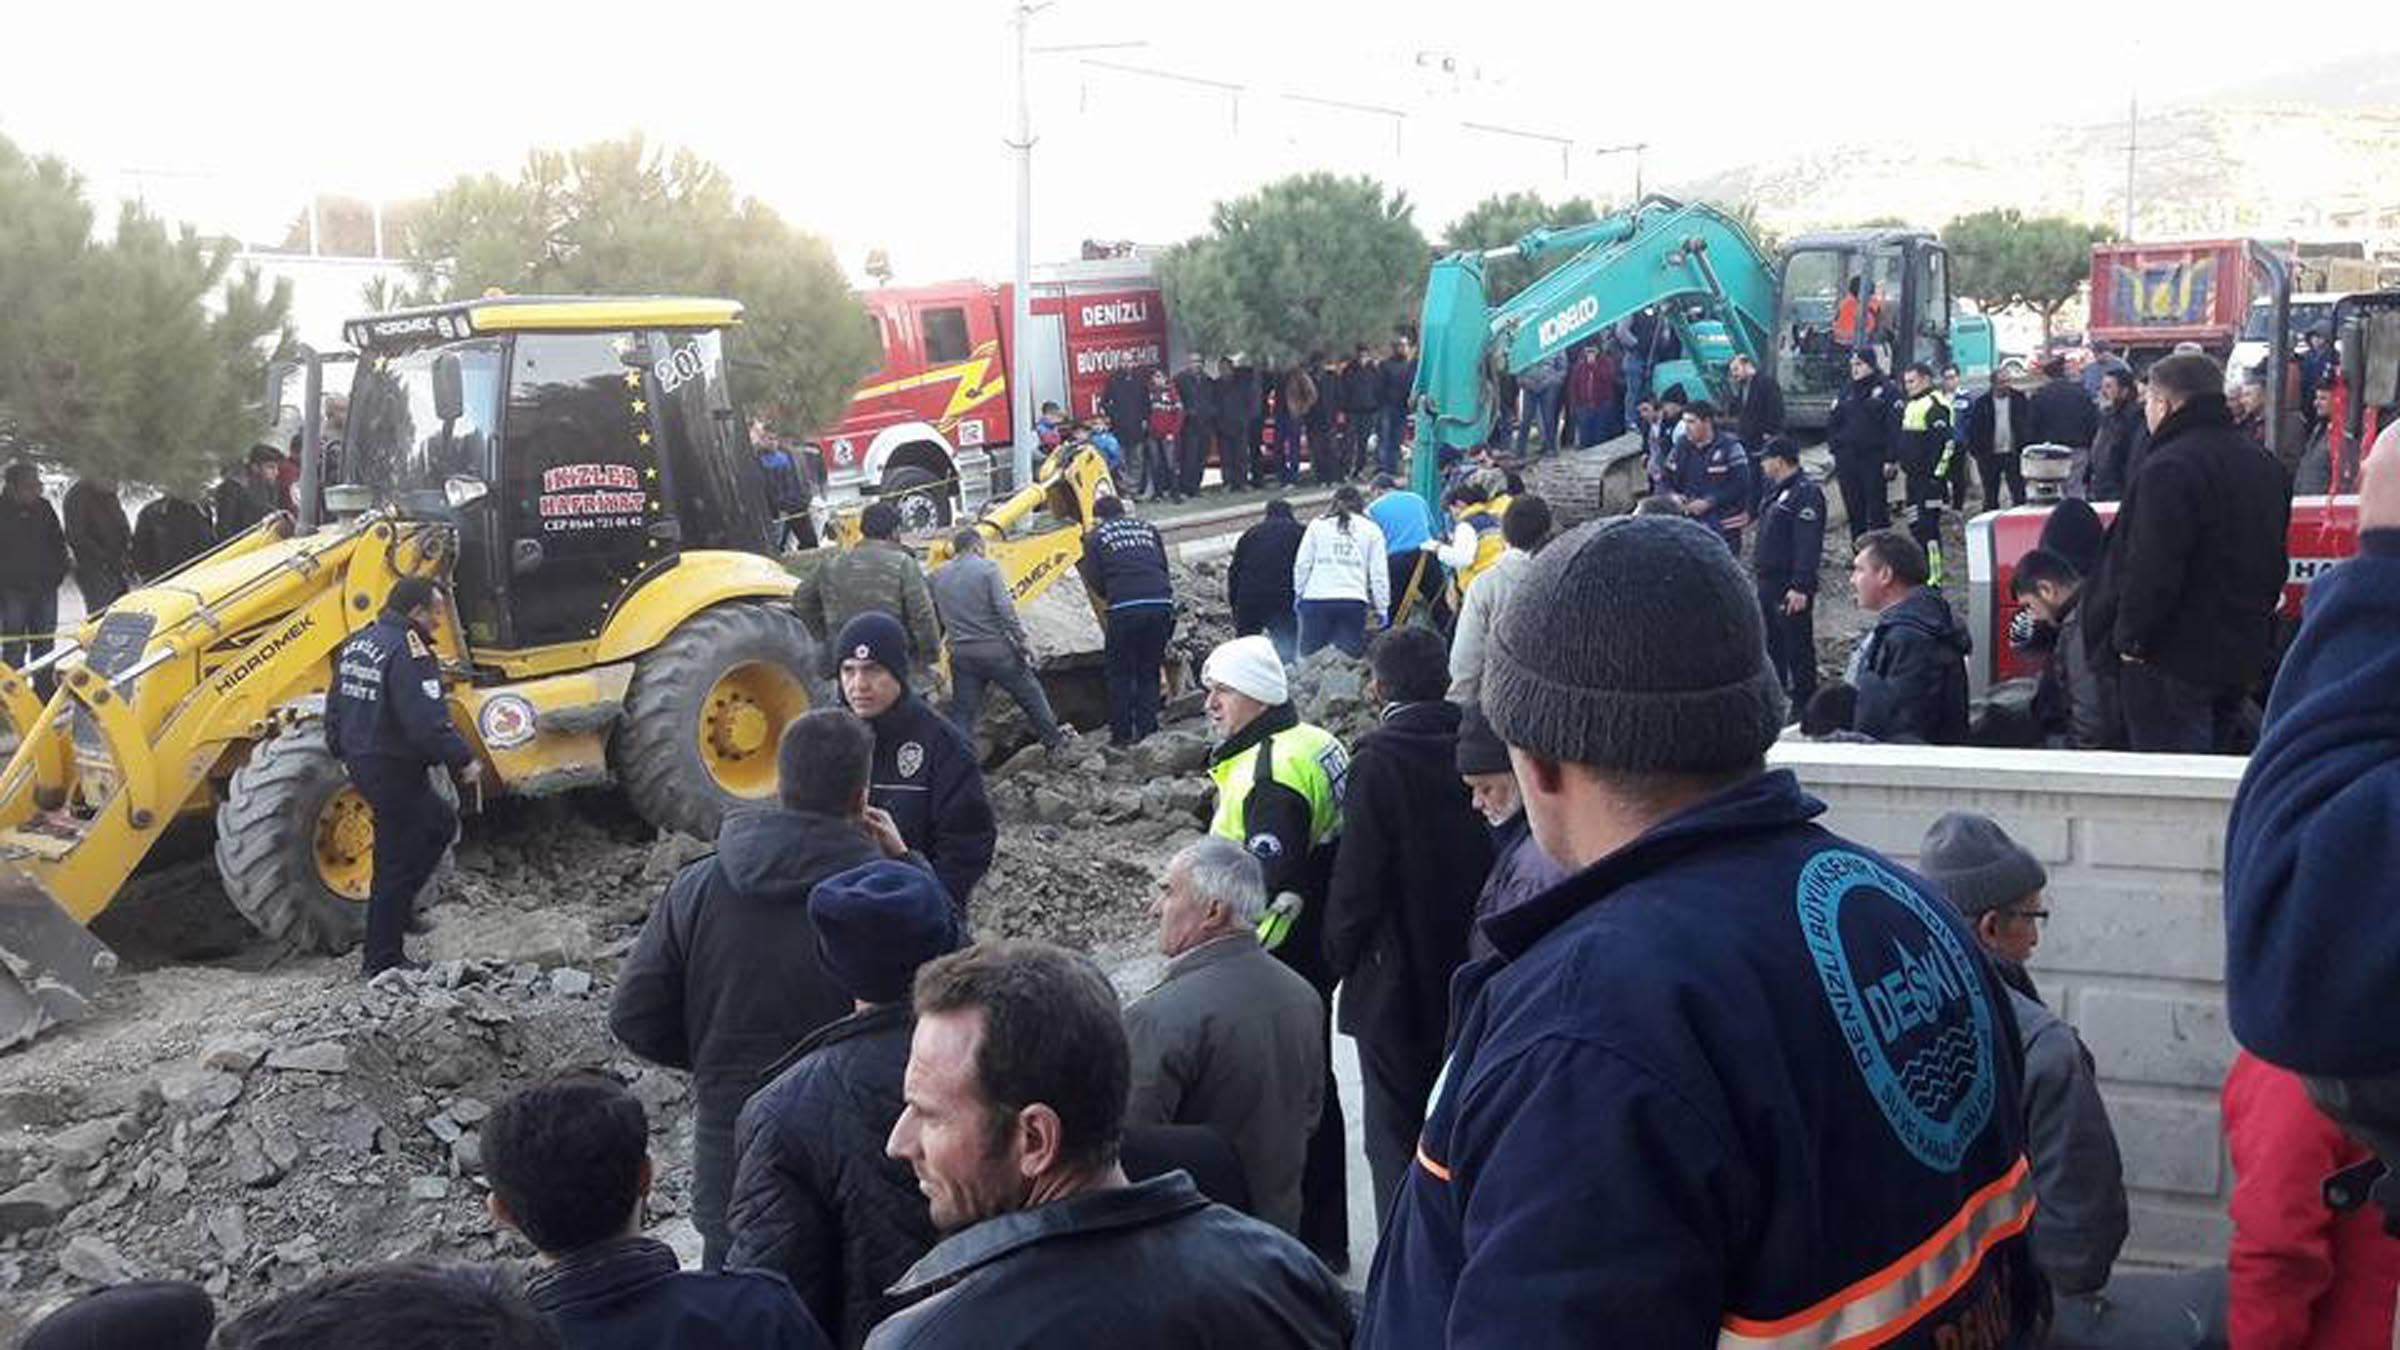 İş cinayeti: 18 yaşındaki taşeron işçi kanalizasyon inşaatında hayatını kaybetti